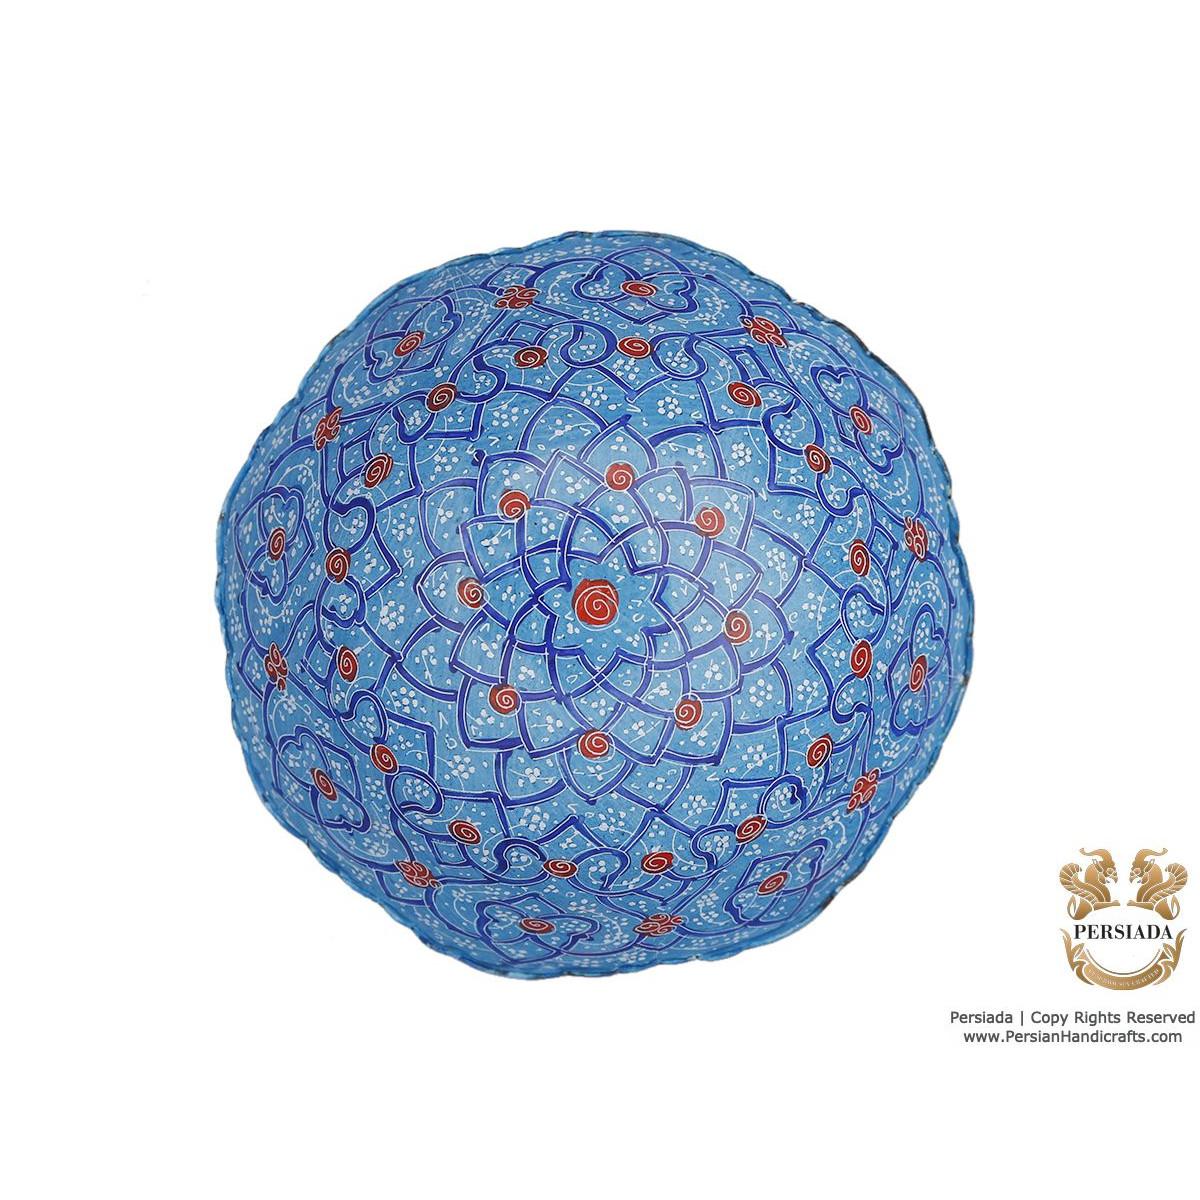 Decorative Bowl & Plate - Enamel Minakari   HE4101 Persiada